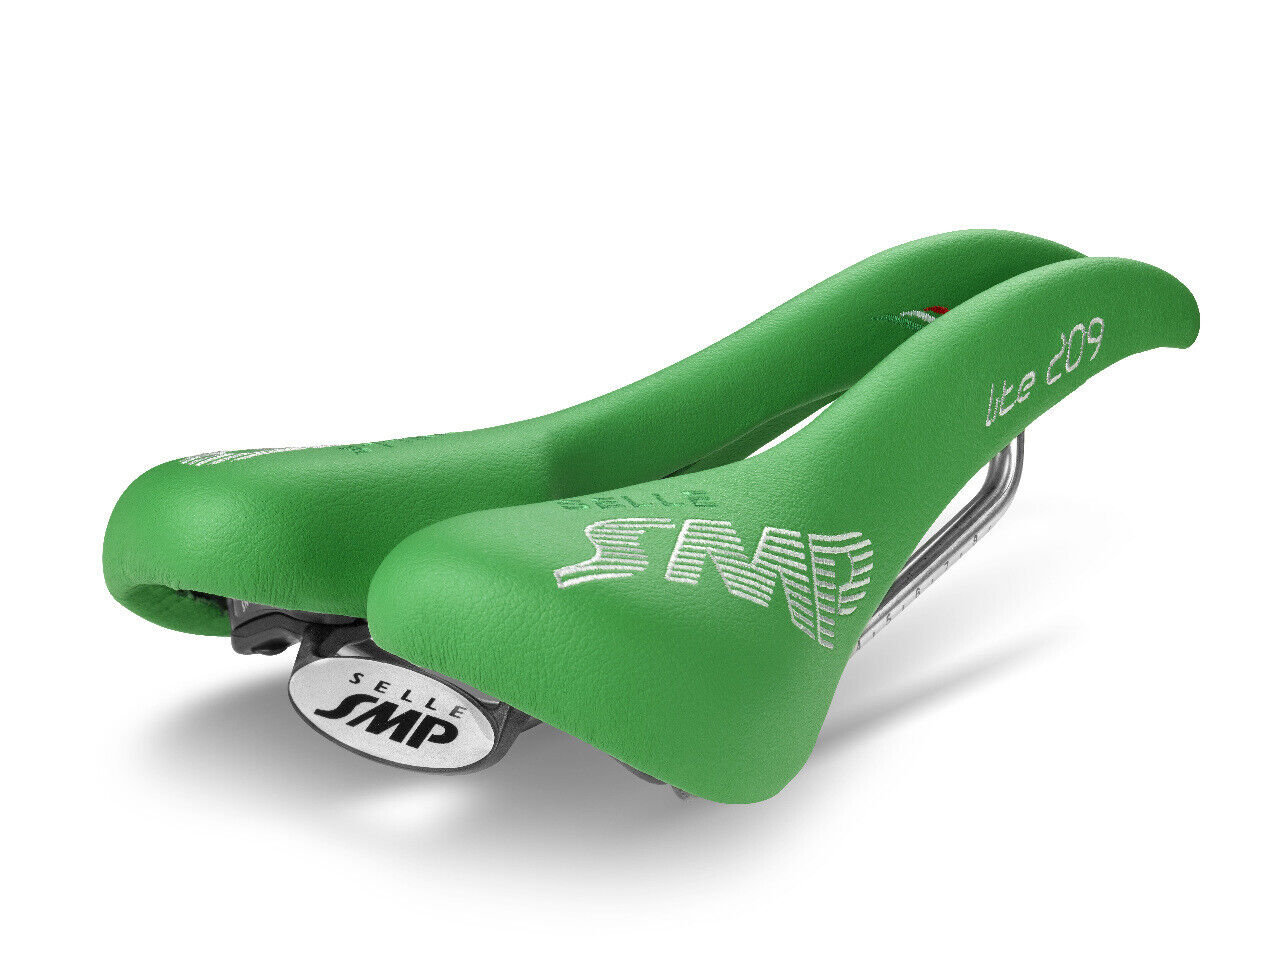 Selle SMP Leggero  209 Sella Della Bicicletta Sella  verde.. . Made in   fornire un prodotto di qualità